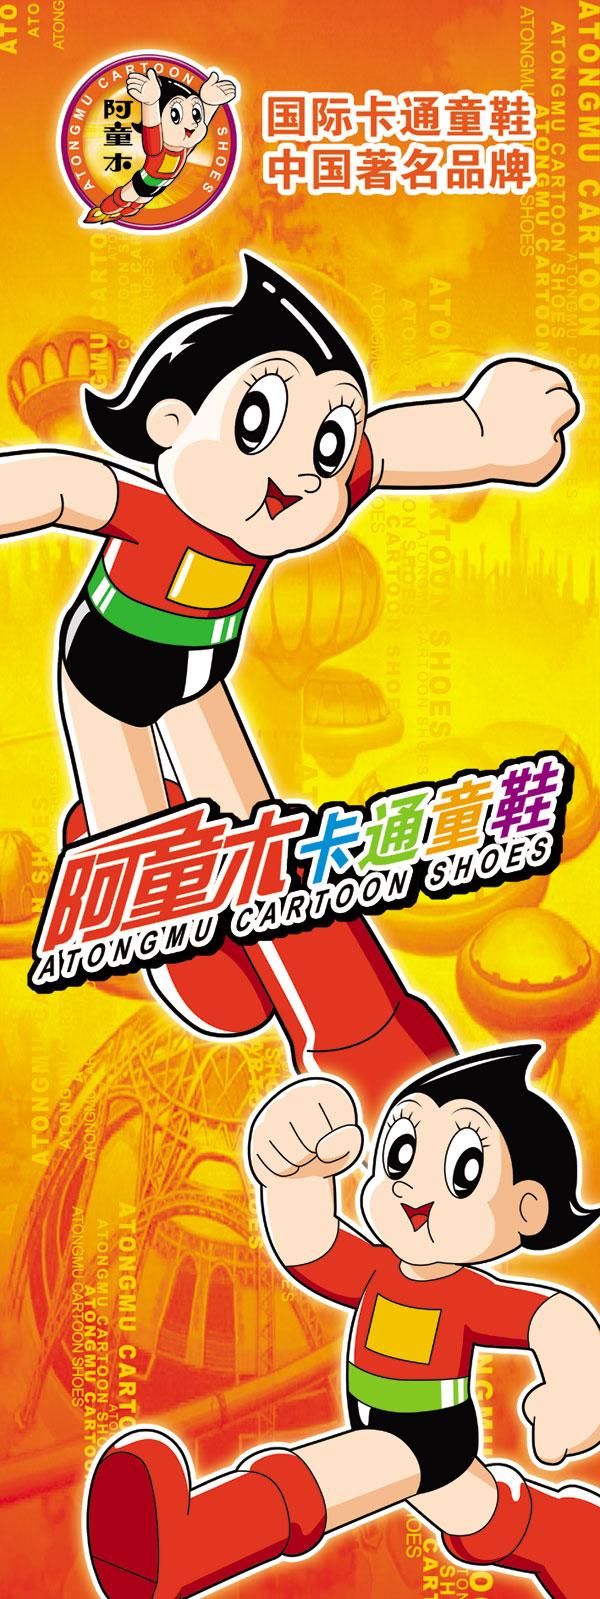 阿童木卡通童鞋_素材中国sccnn.com